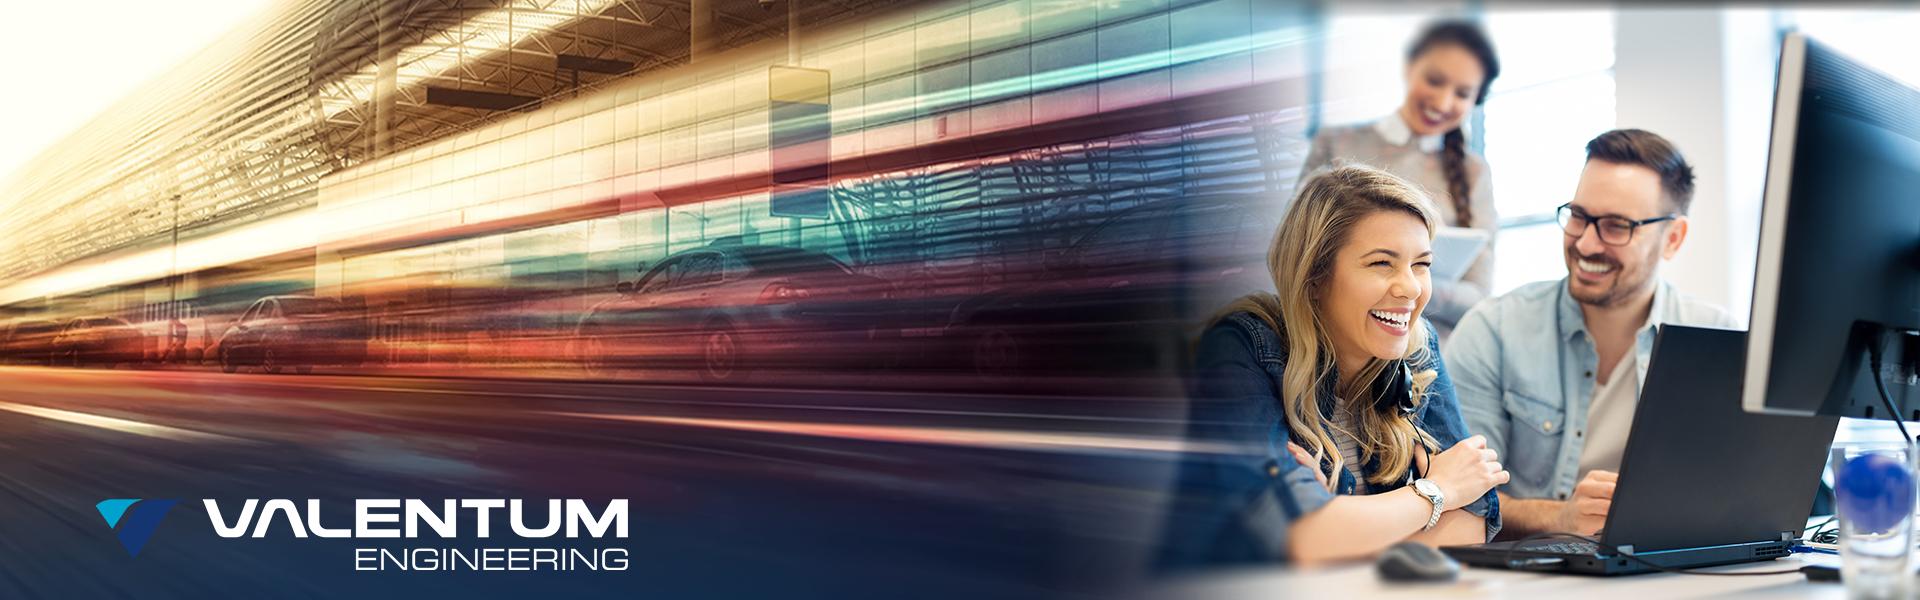 Valentum Engineering - Dein Schlüssel zu den Top-Marken der deutschen Autoindustrie